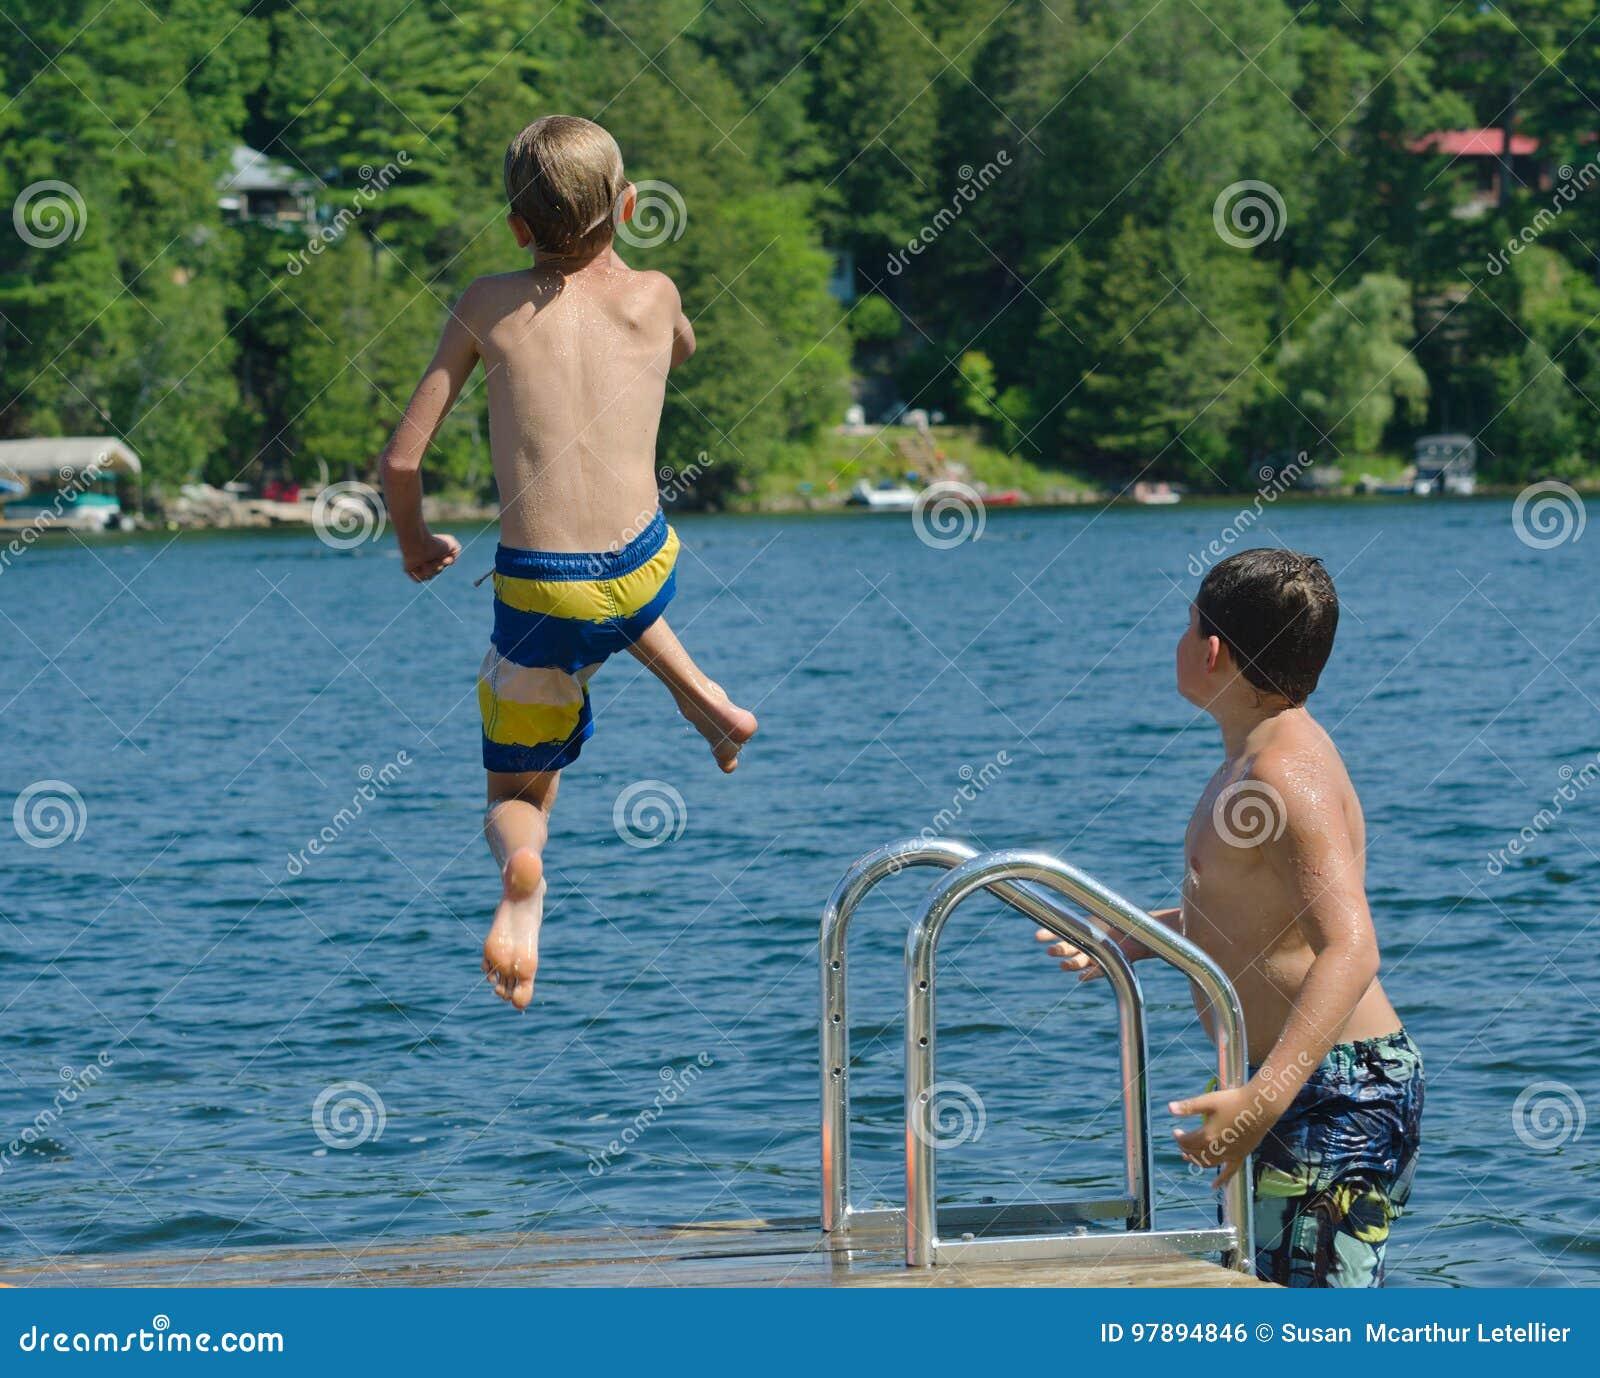 Bombardeio de mergulho do menino fora da doca no lago